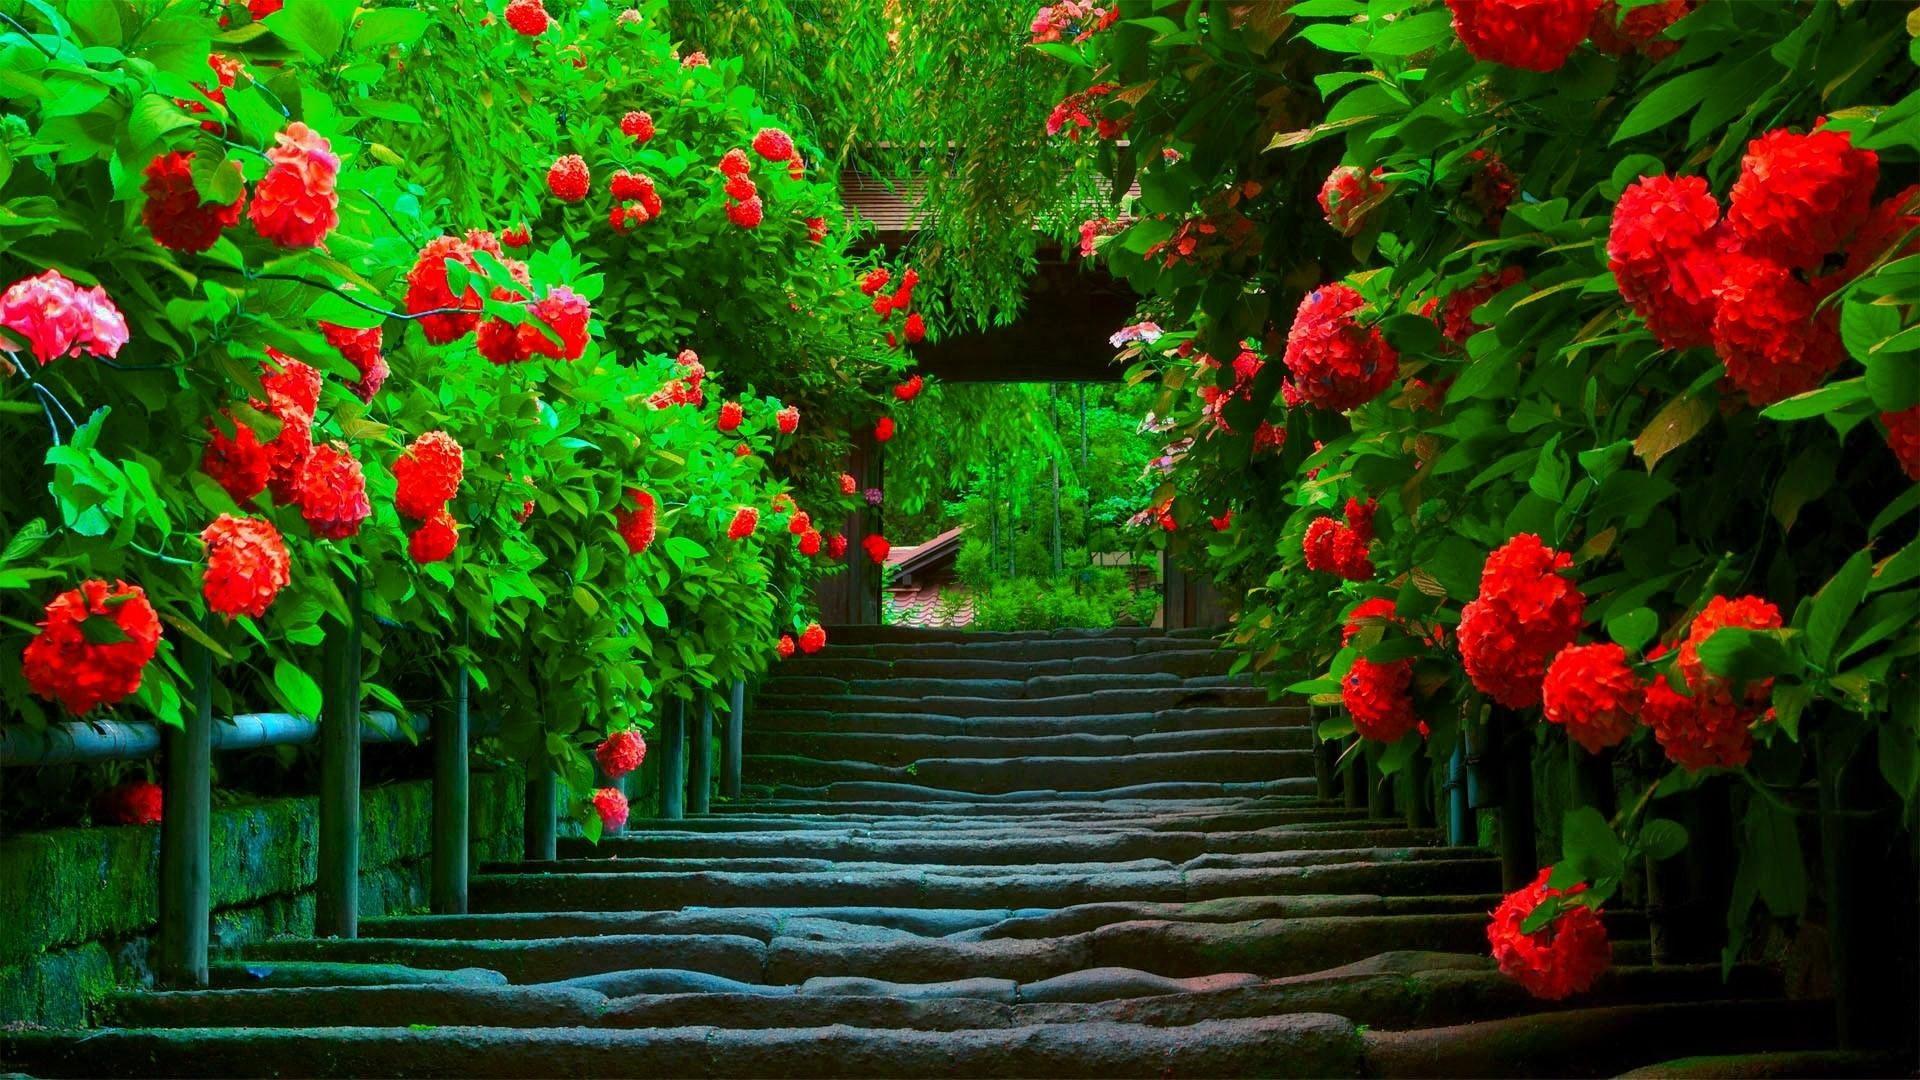 Beautiful Wallpapers for Desktop Full Screen 55 images